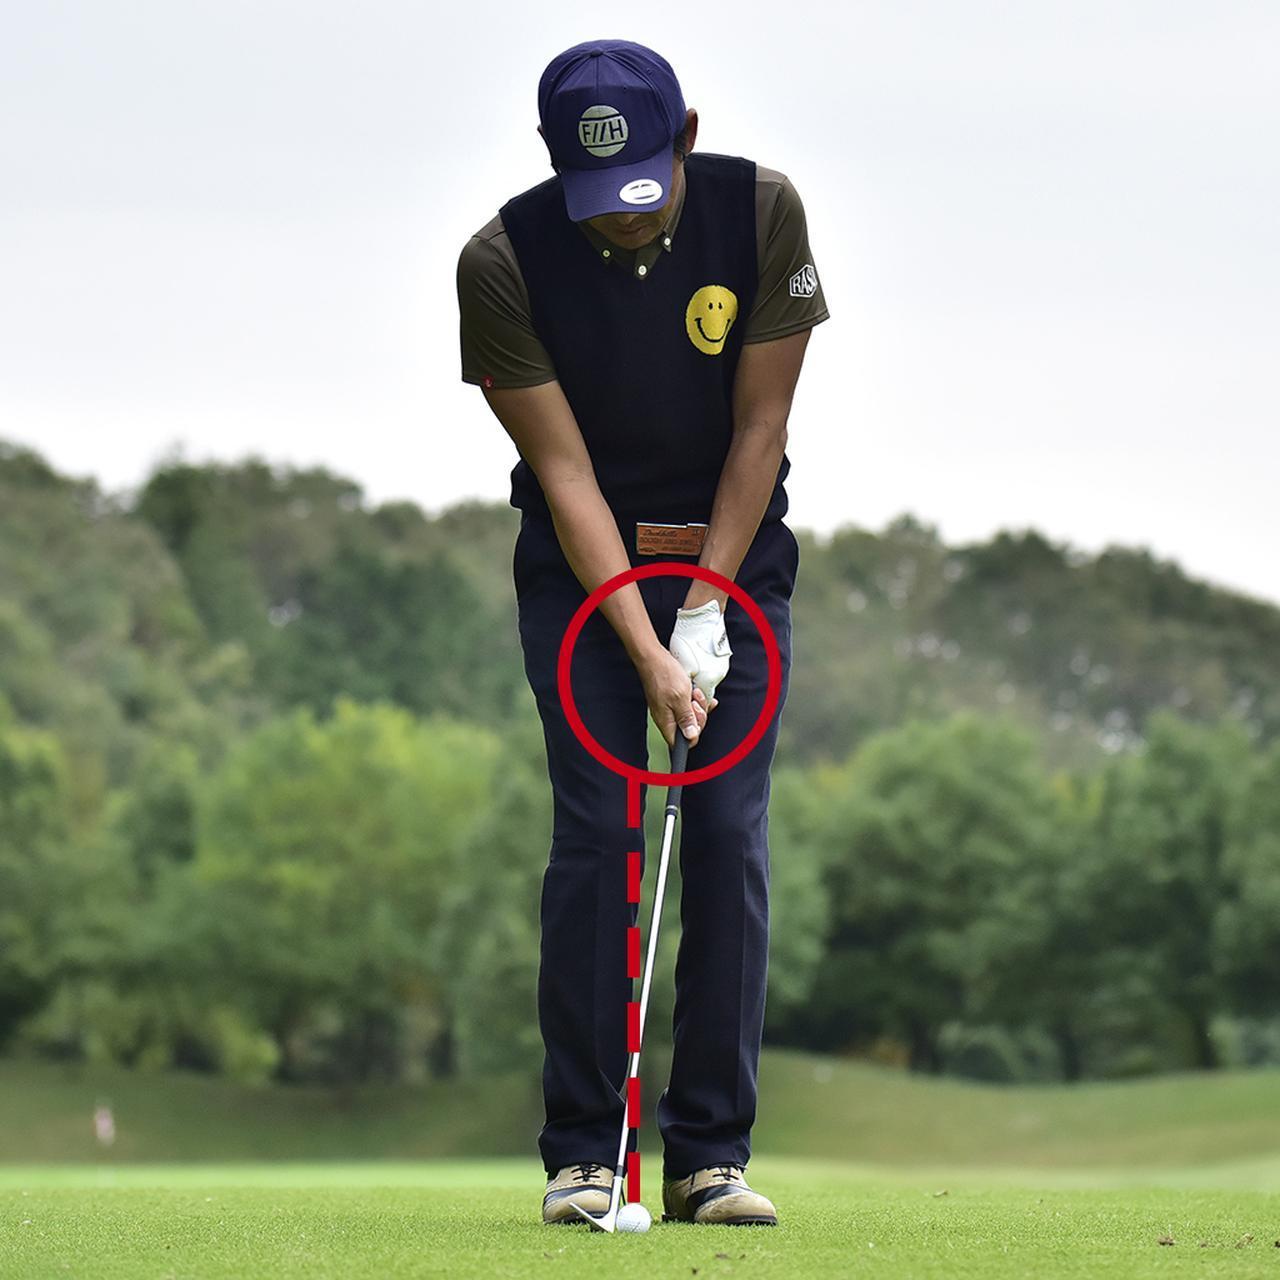 画像: アドレスは軽くハンドファーストにセットし、ボールは自分の中心より右にするといい